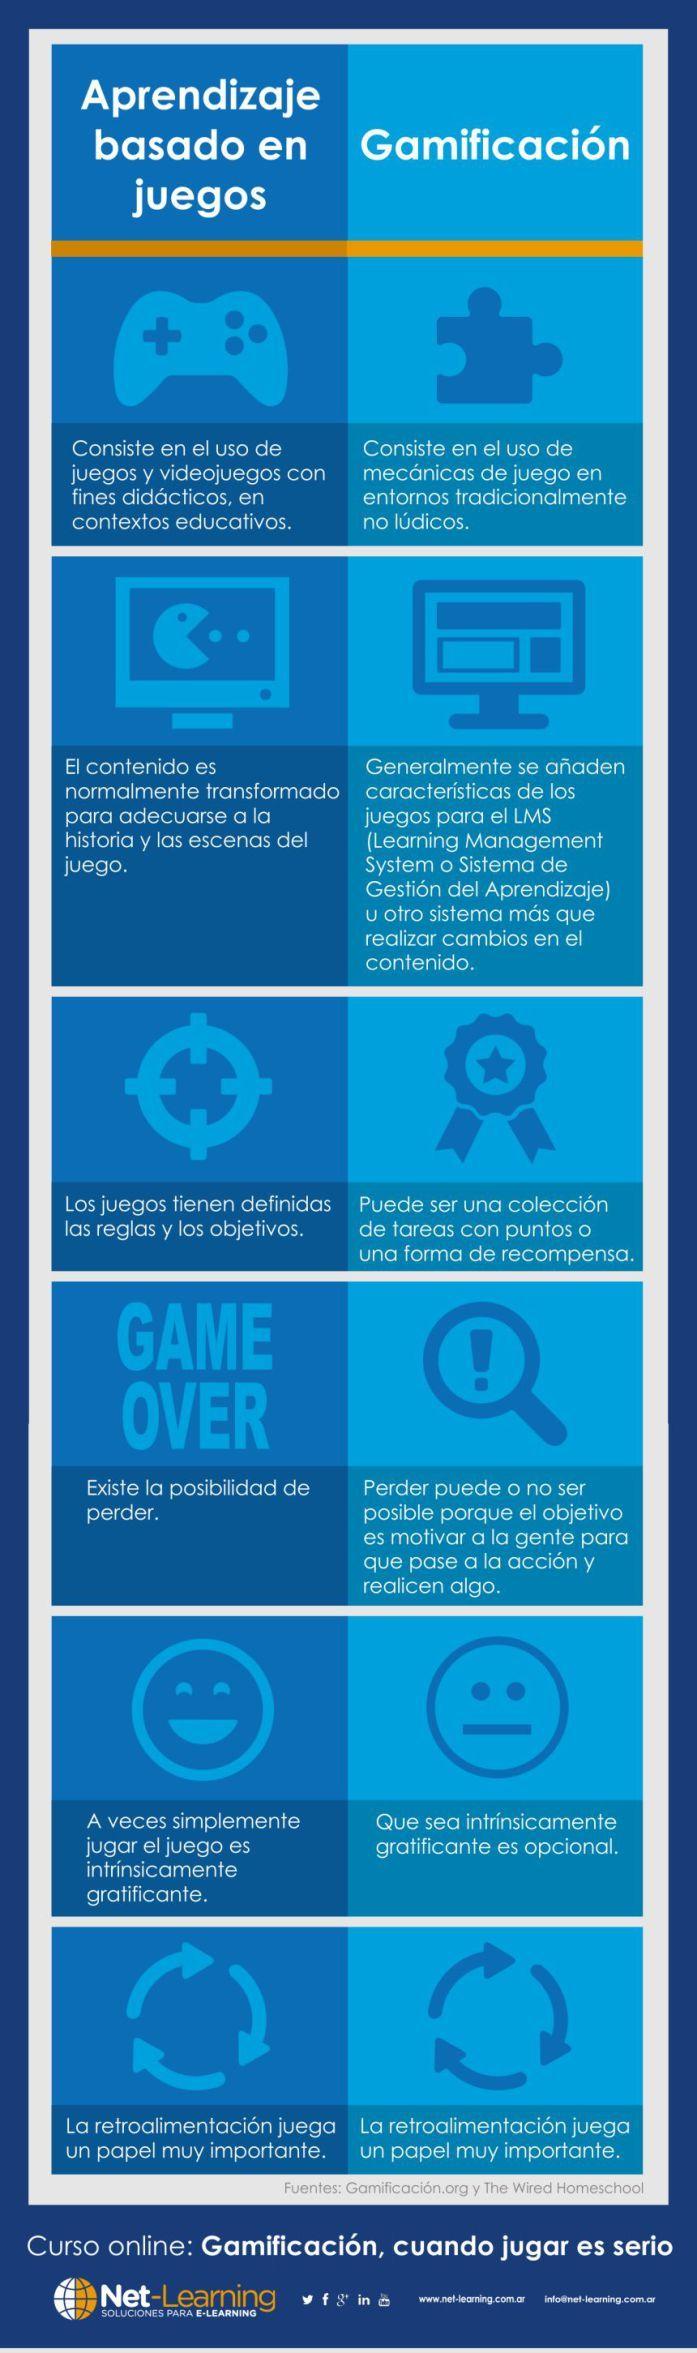 """¿Qué es la gamificación: Diferencia entre """"Aprendizaje basado en juegos"""" y """"Gamificación"""". #Gamificacion #Educacion"""